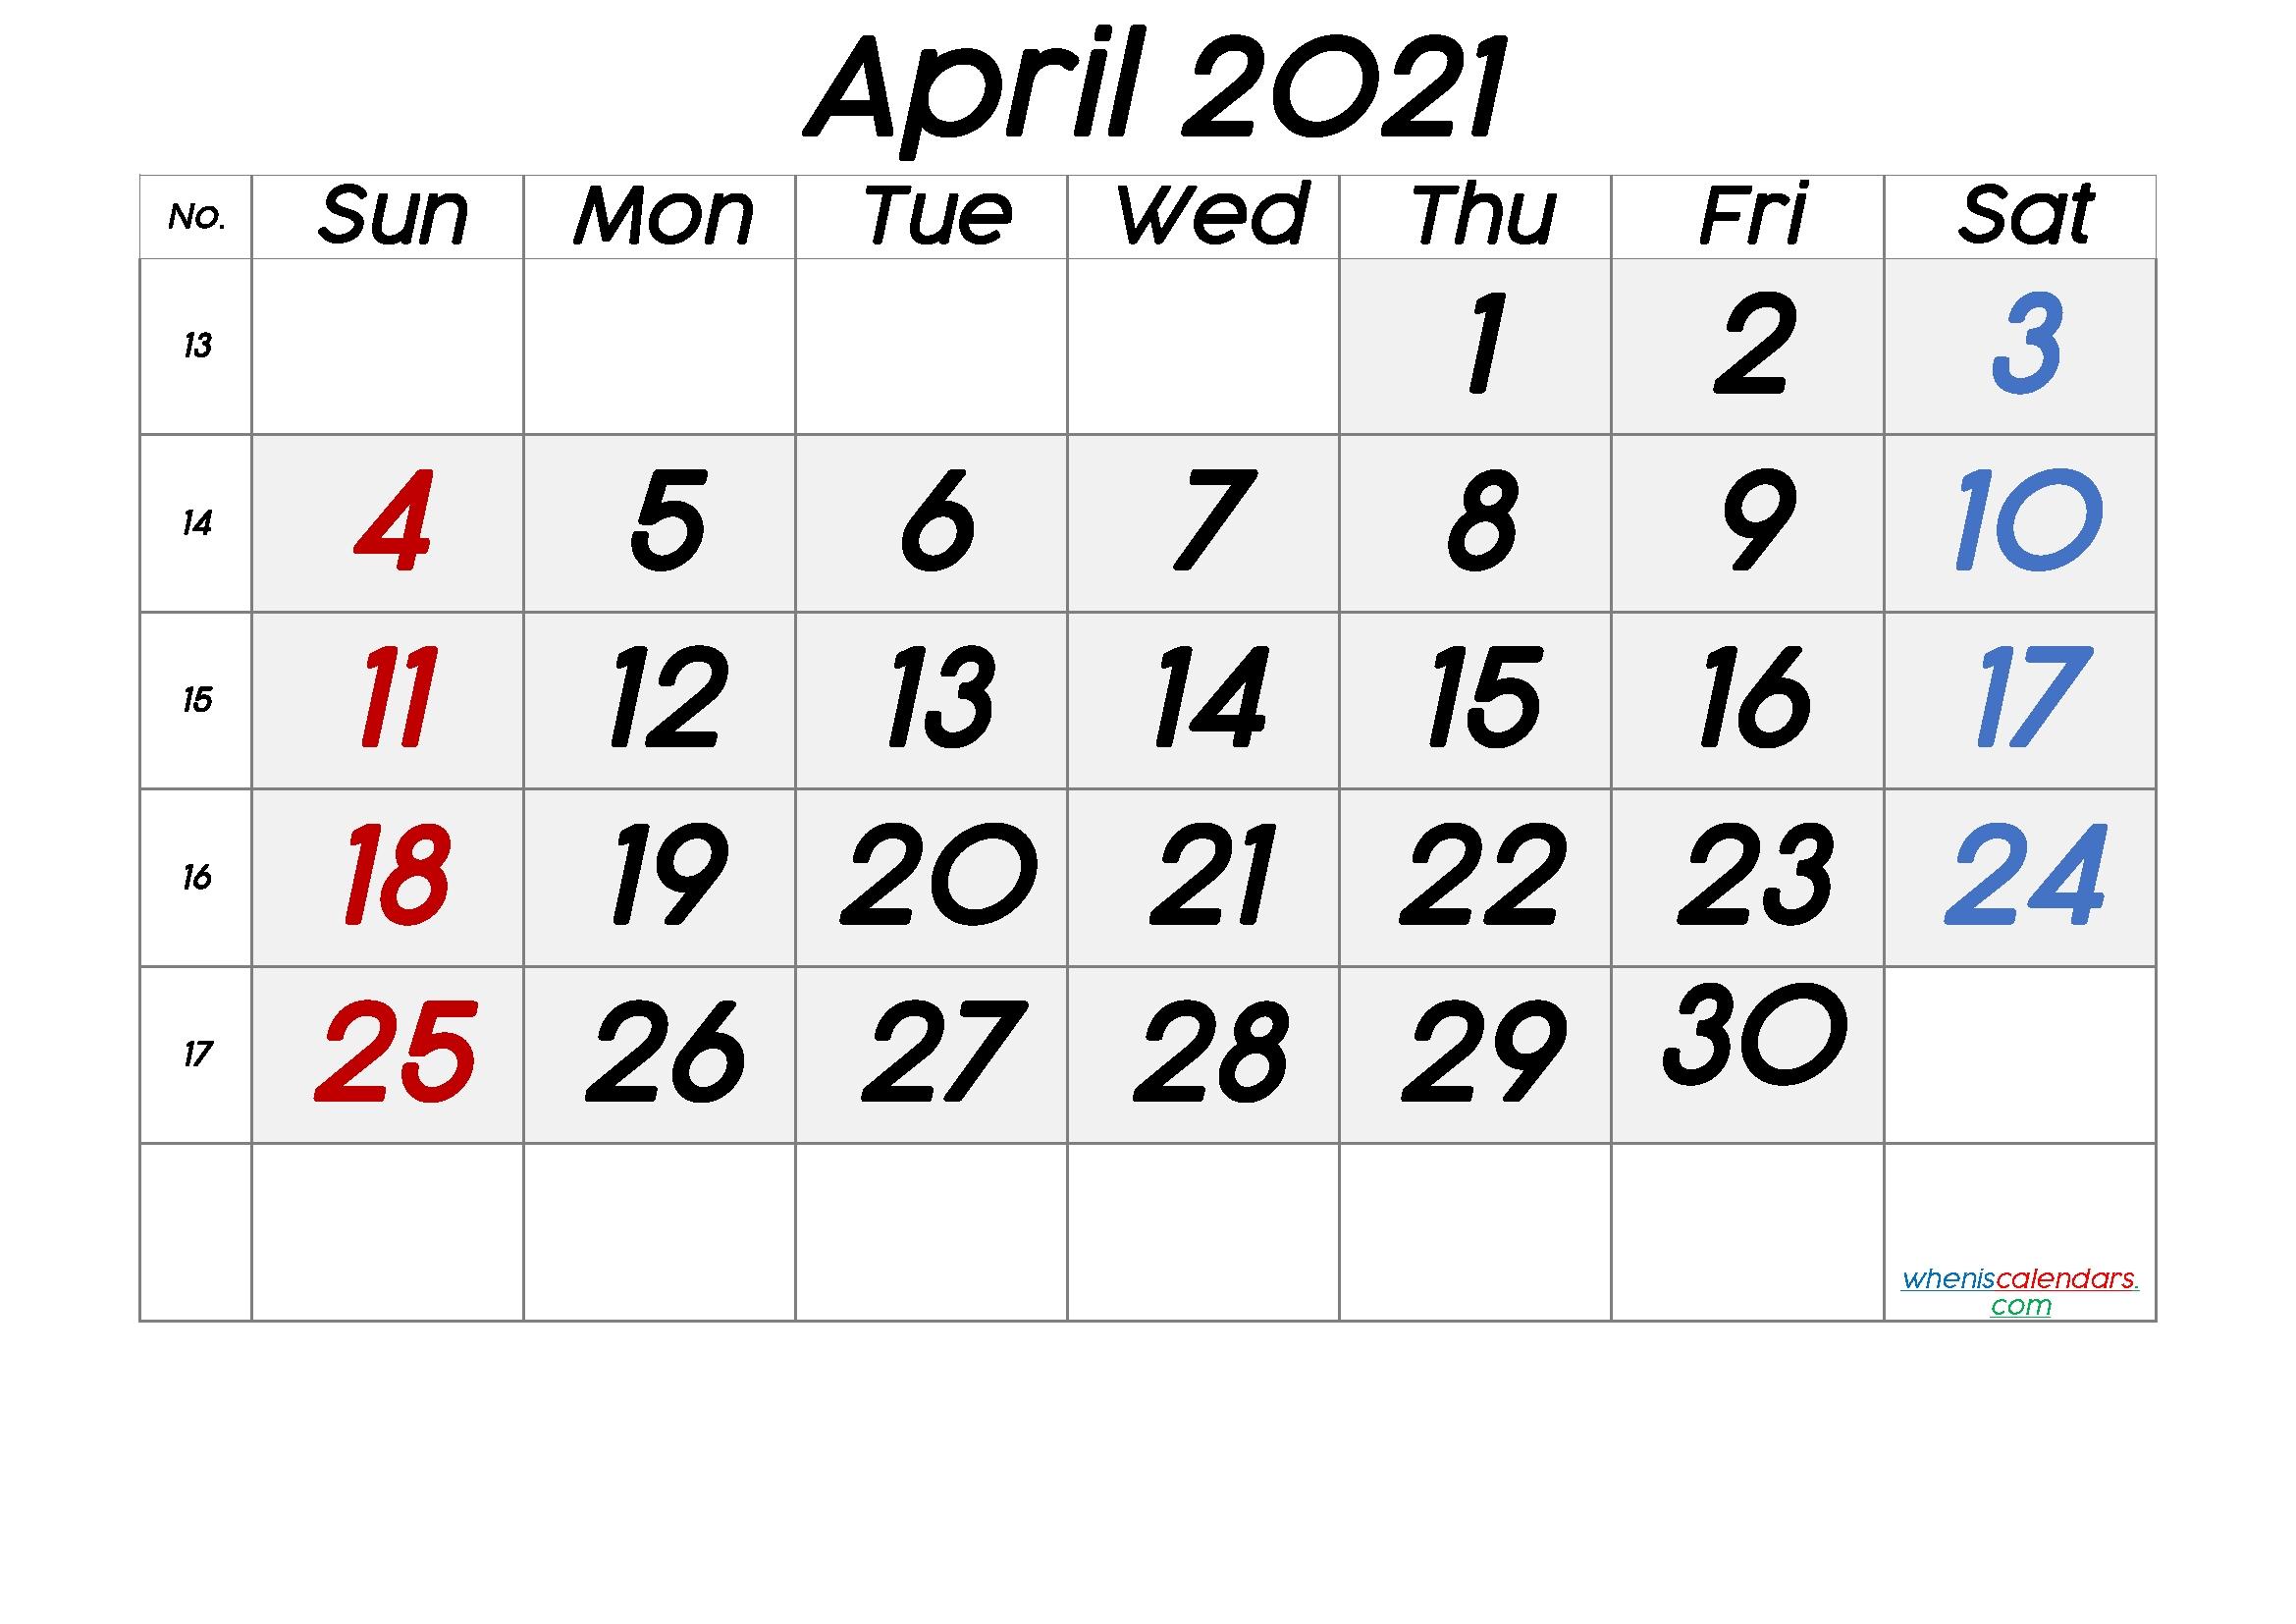 Free Printable April 2021 Calendar [Free Premium] - Free Printable 2020 Monthly Calendar With Calendar November 2020 To April 2021